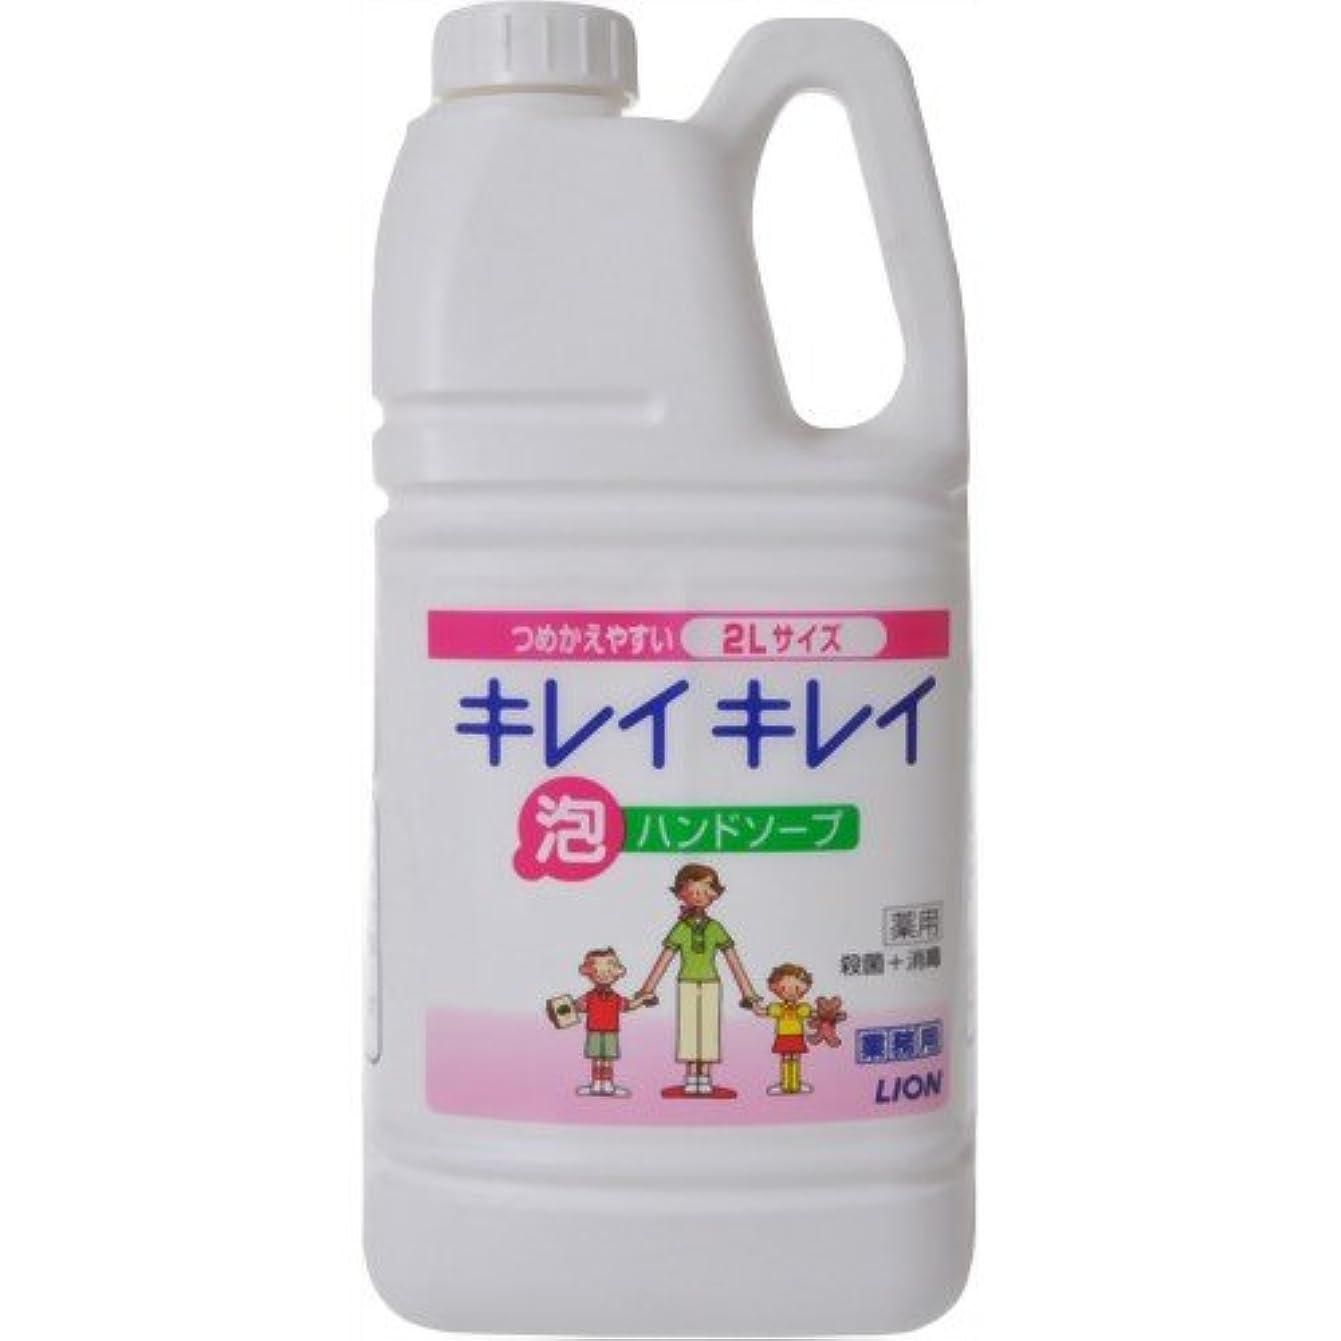 手荷物教育学ウェイトレスキレイキレイ薬用泡ハンドソープ2L(業務用)